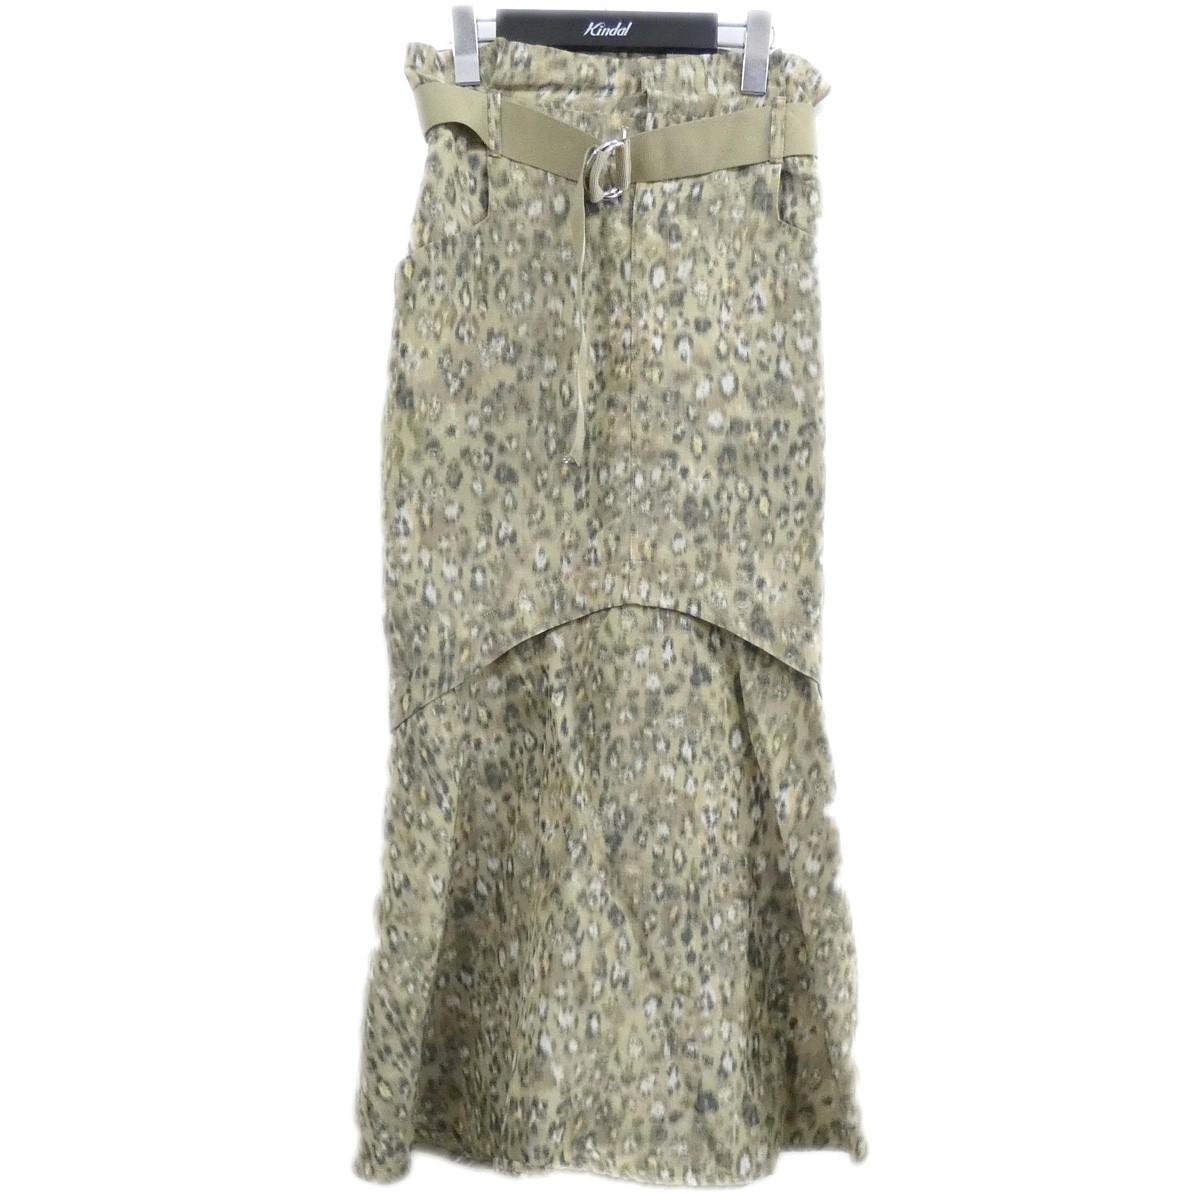 アンスリード 中古 UN3D. 新着セール 20SS サイズ:38 アニマルマーメイドスカート 人気海外一番 260521 ベージュ